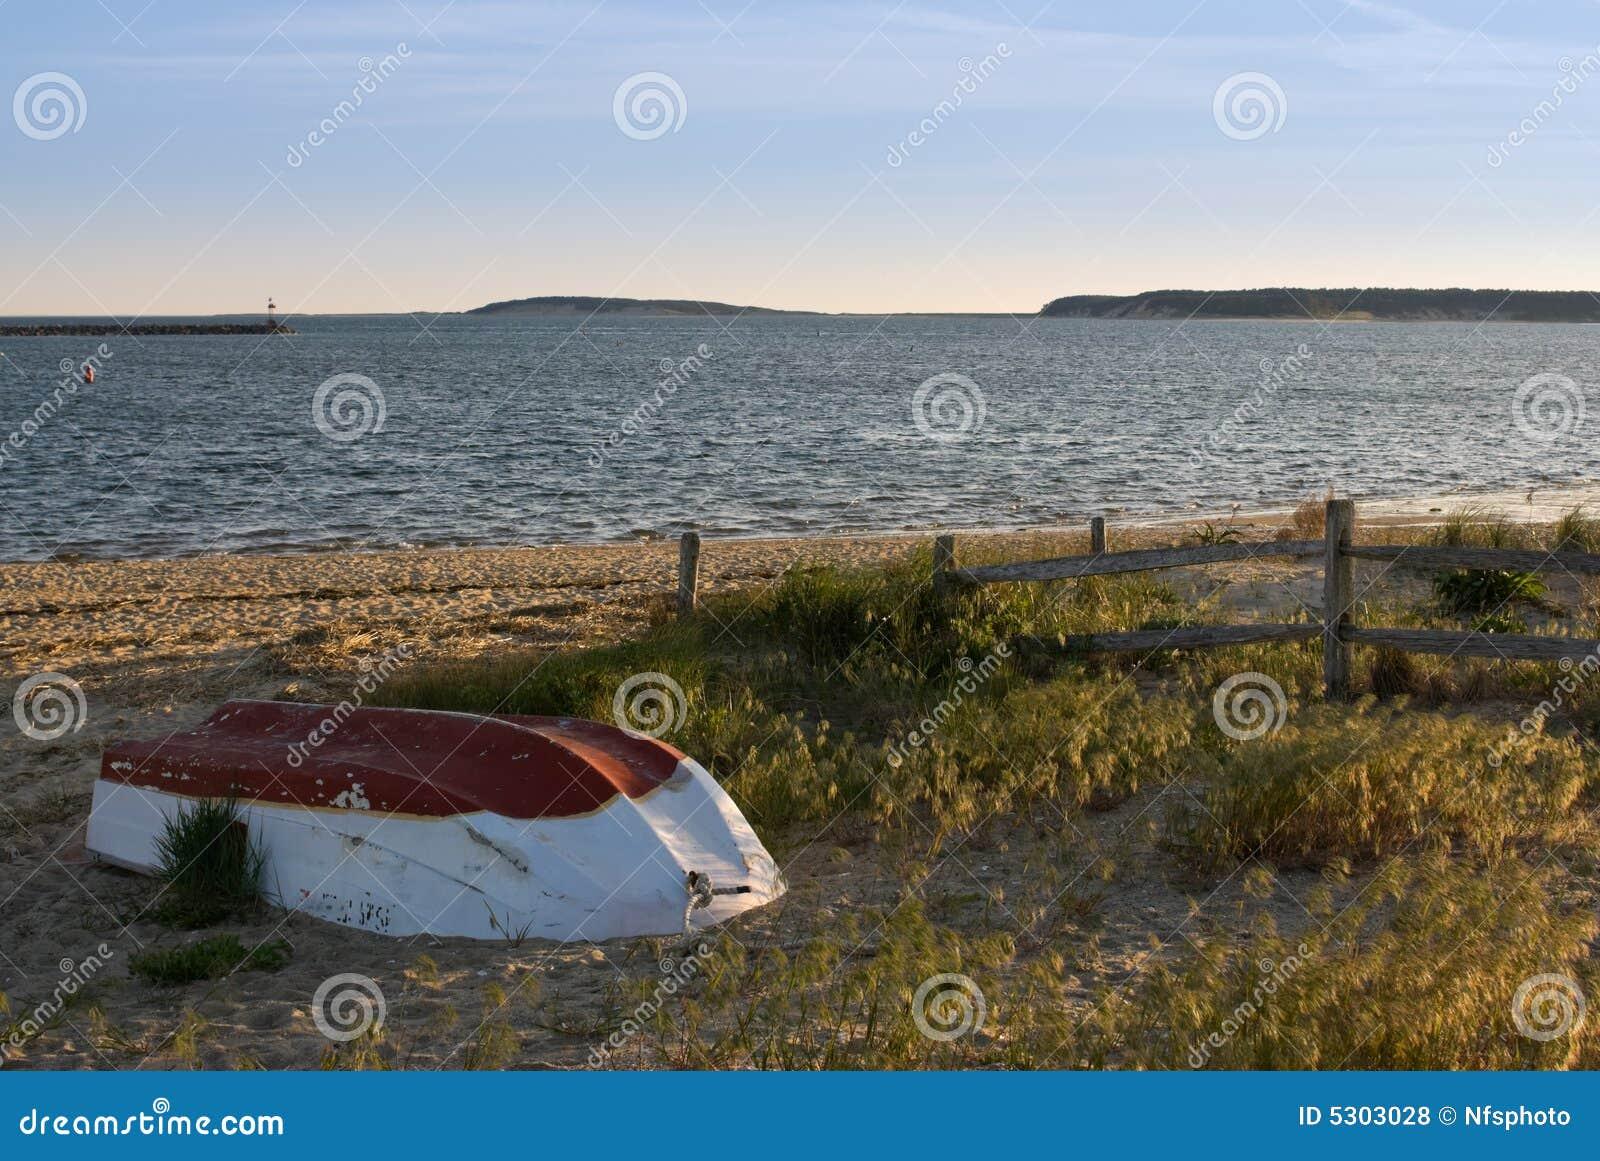 Download Piccolo Peschereccio Abbandonato Sulla Spiaggia Al Tramonto Fotografia Stock - Immagine di barca, orizzonte: 5303028